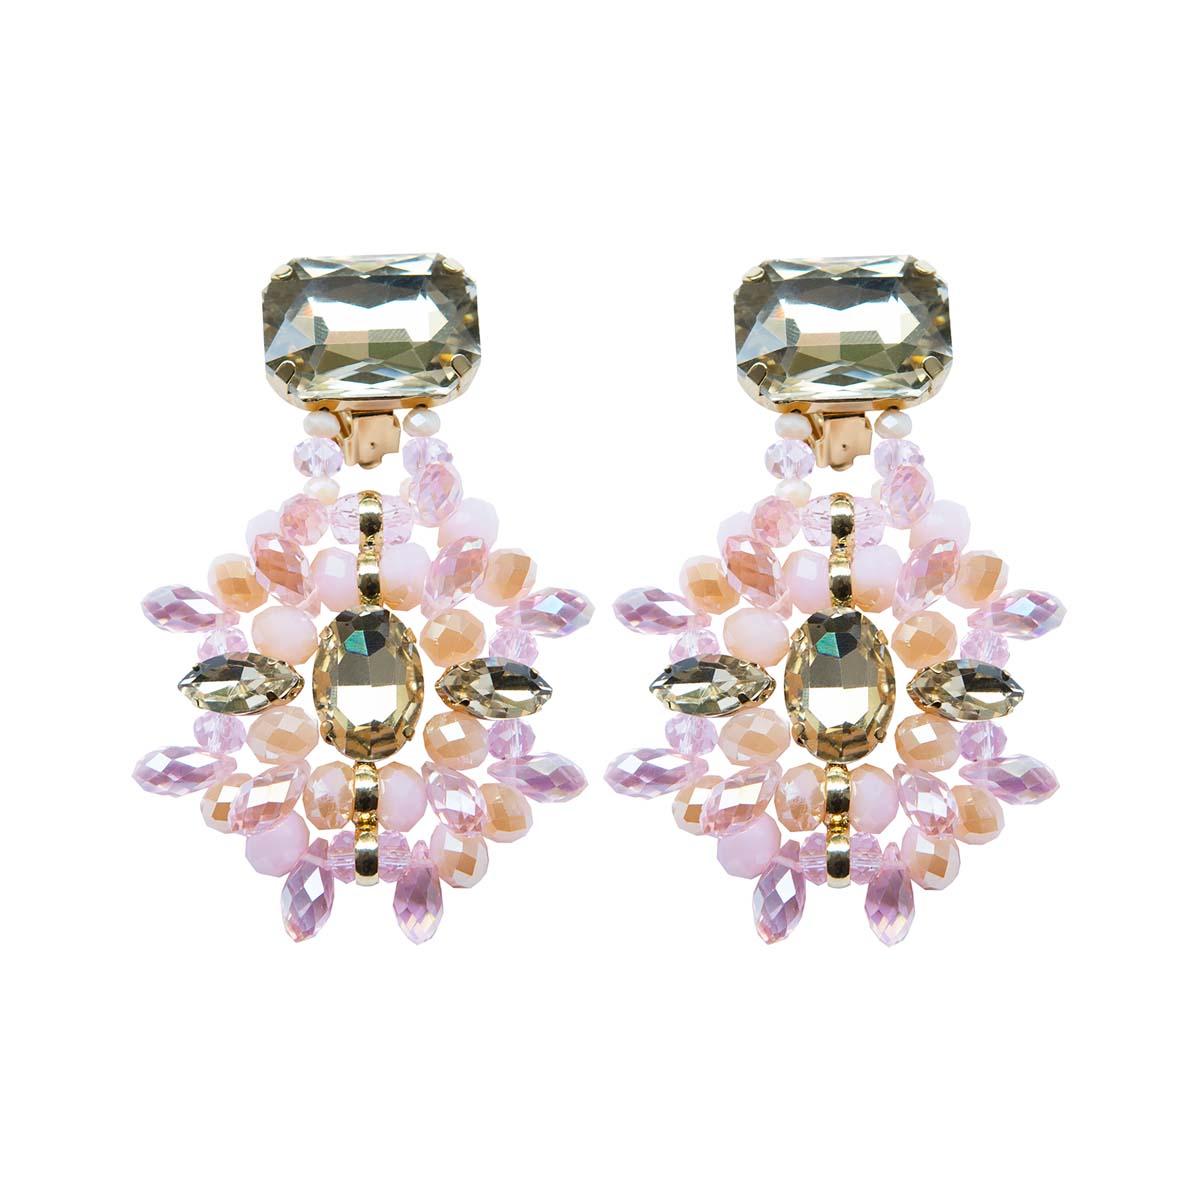 Teria Yabar - Pendientes de cristales rosas y transparentes